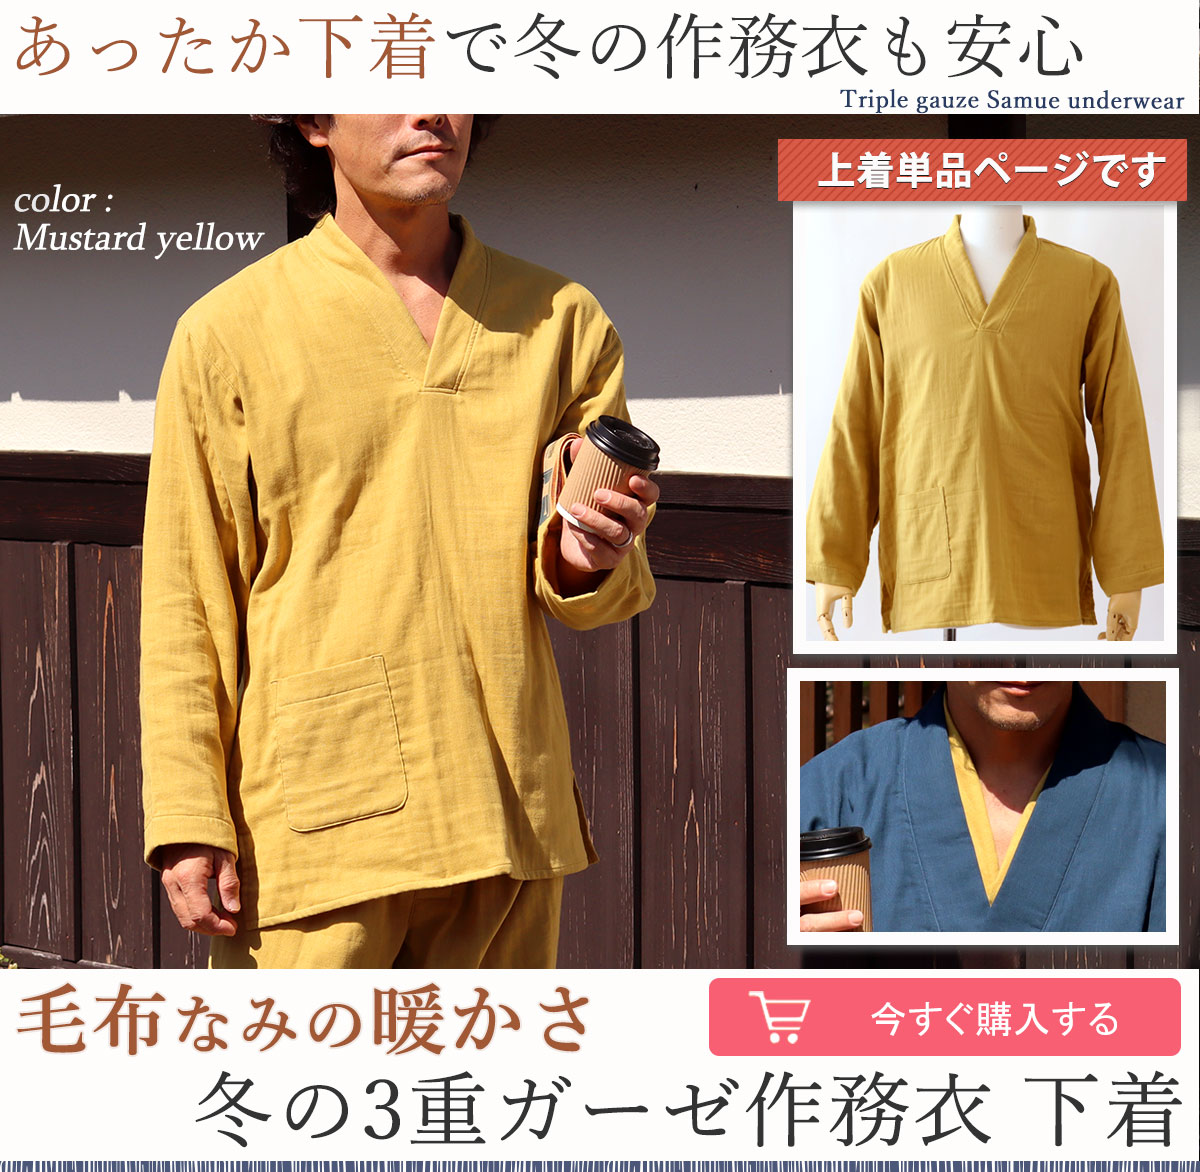 ふっくら感、保温性が1.5倍!三重ガーゼ×エアータンブラー加工 毛布なみの暖かさ 冬のガーゼ作務衣下着